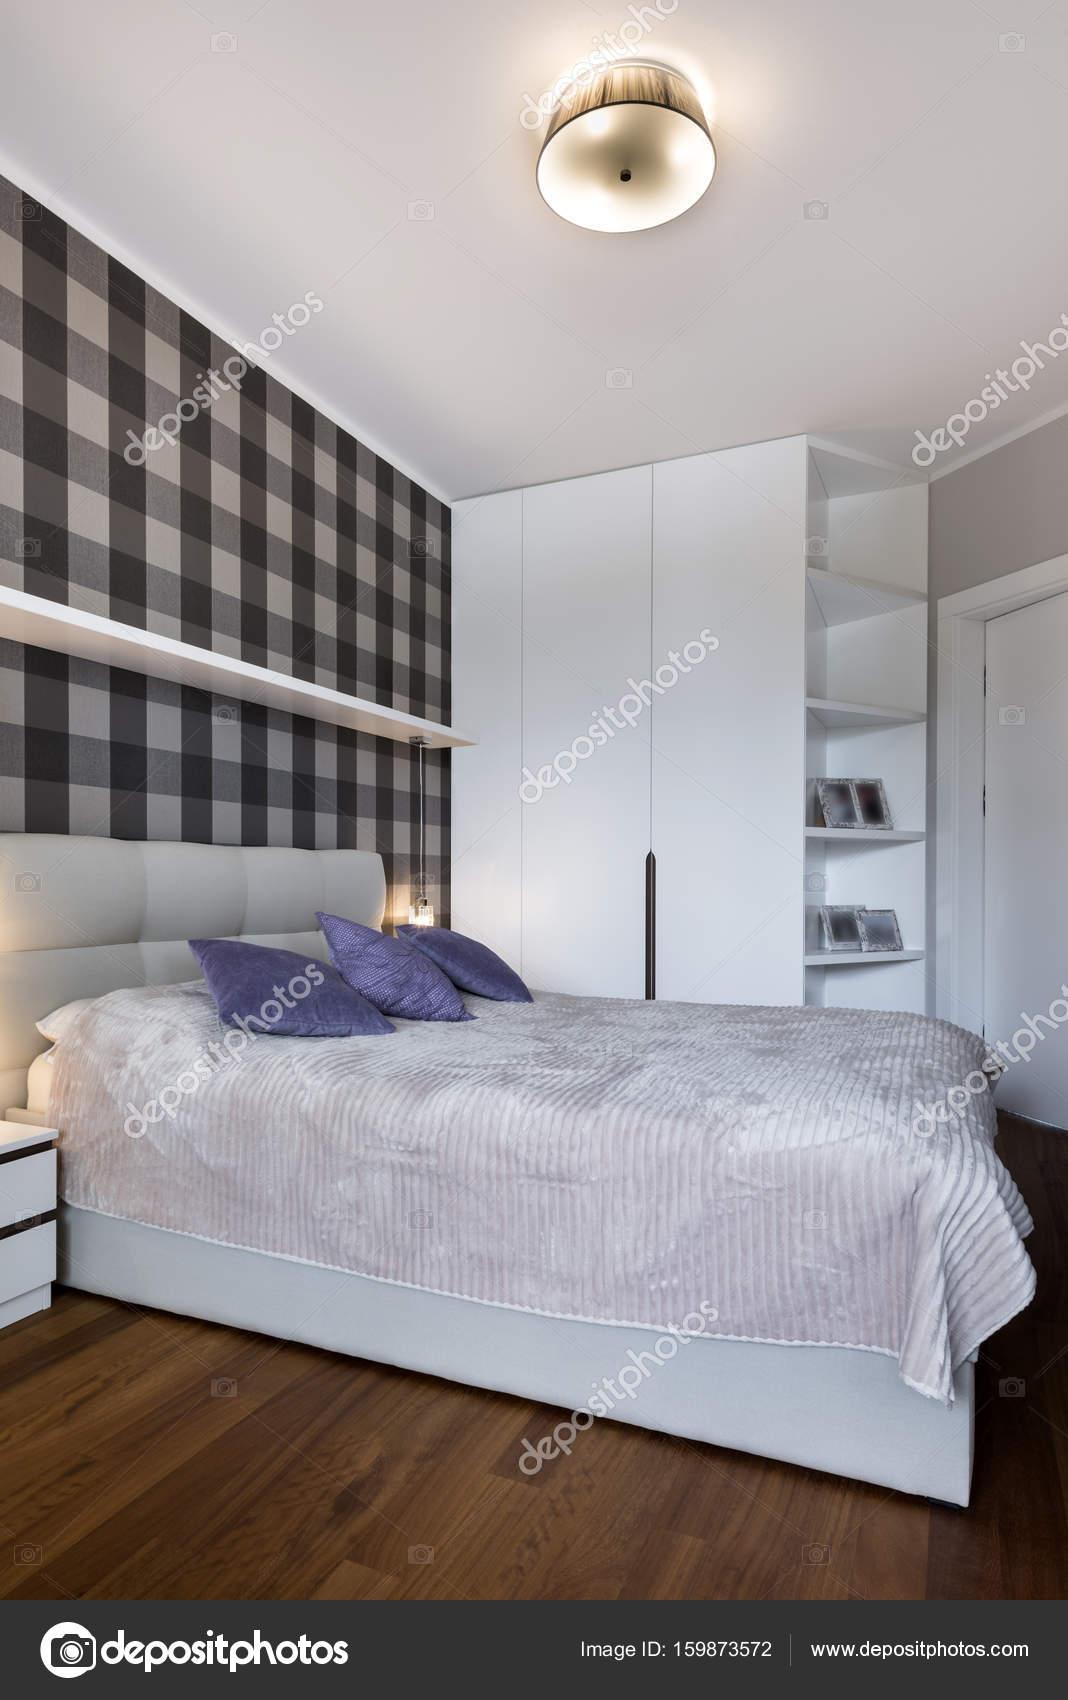 Chambre Moderne Avec Modèle Checkeru2013 Images De Stock Libres De Droits